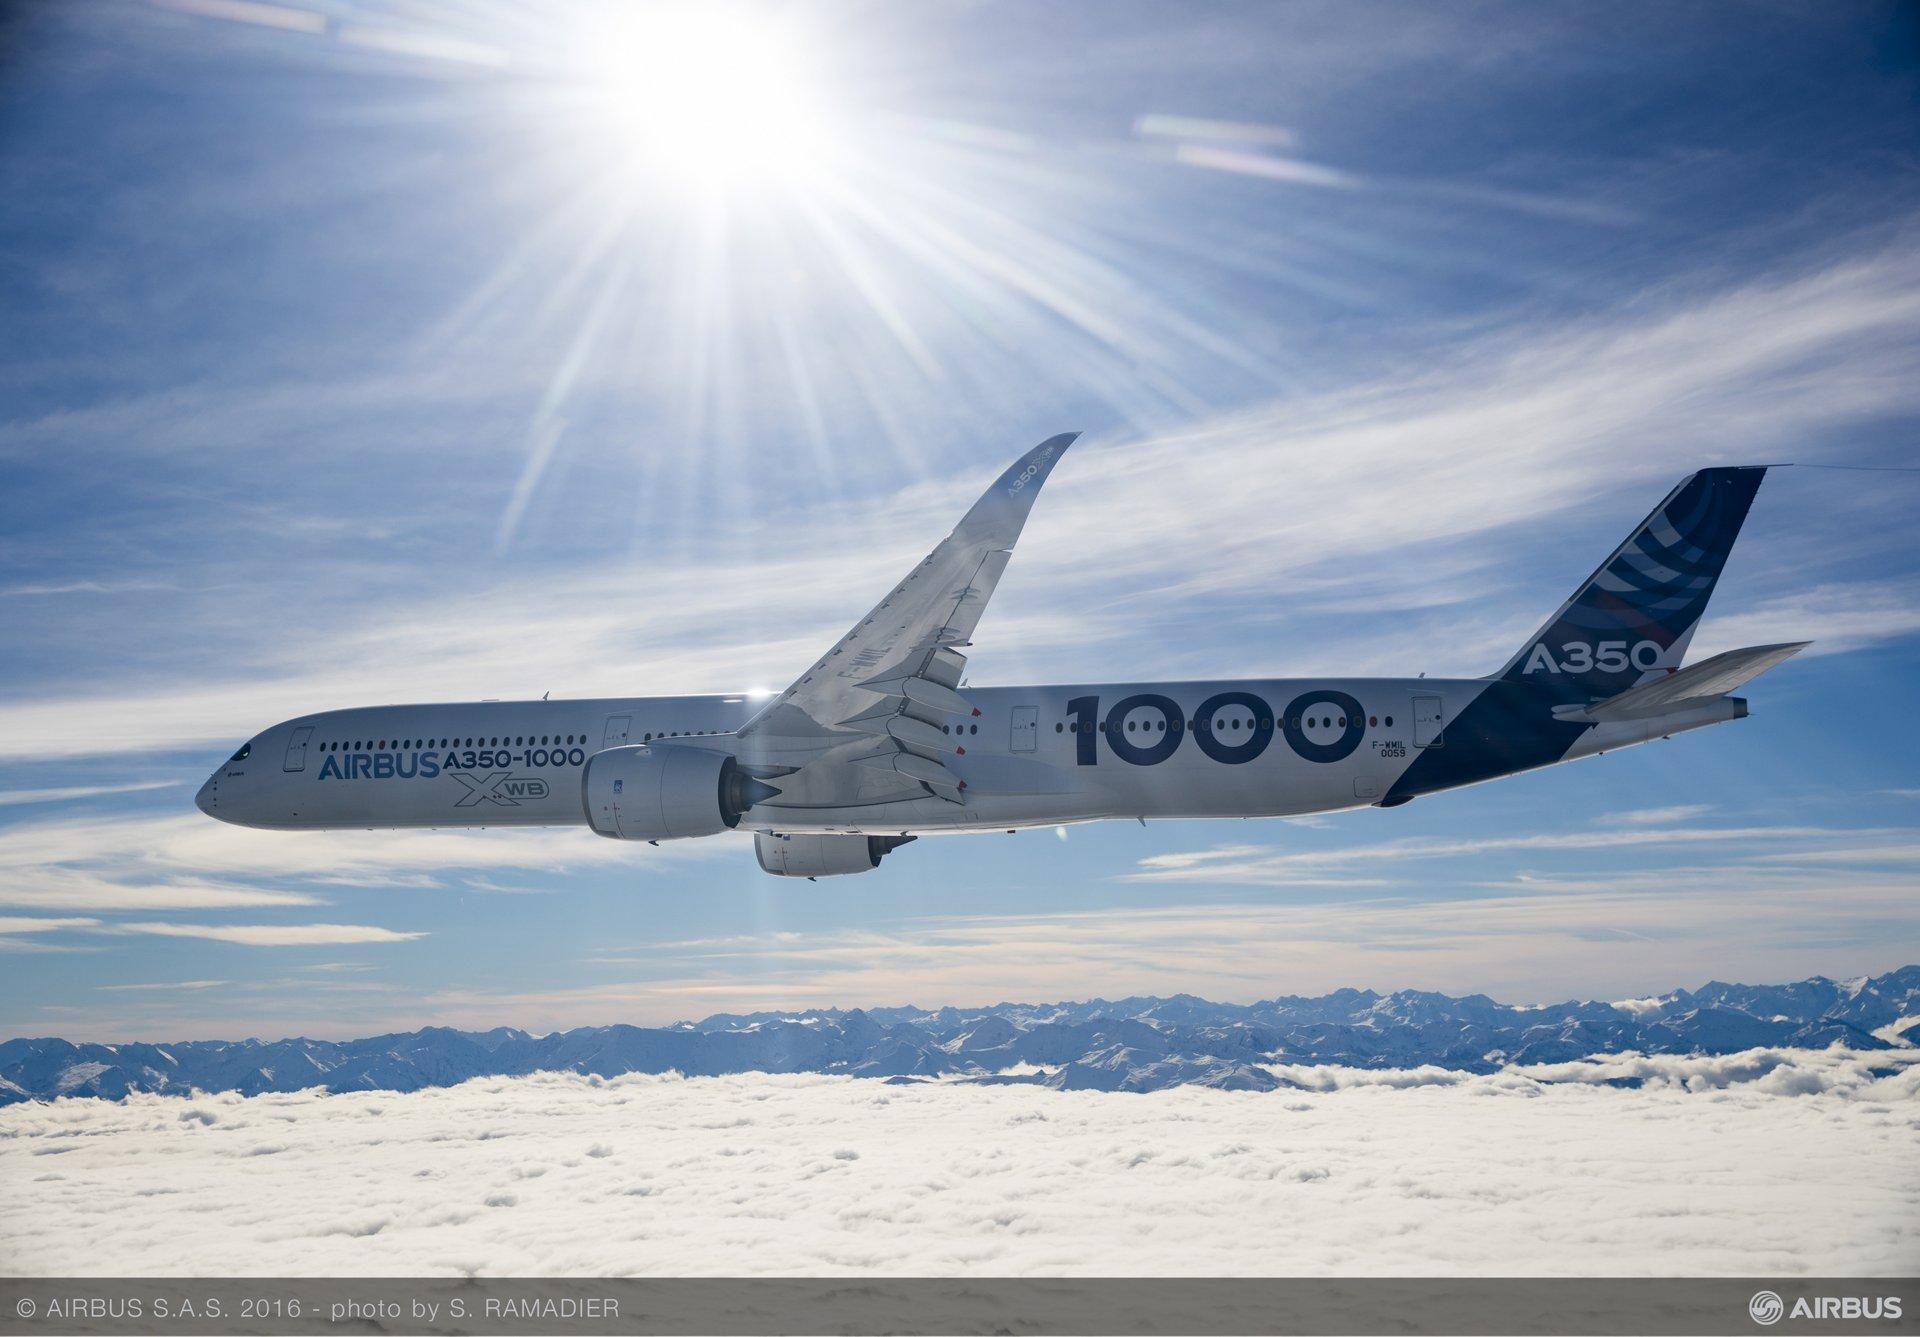 A350-1000 First Flight – air to air 018